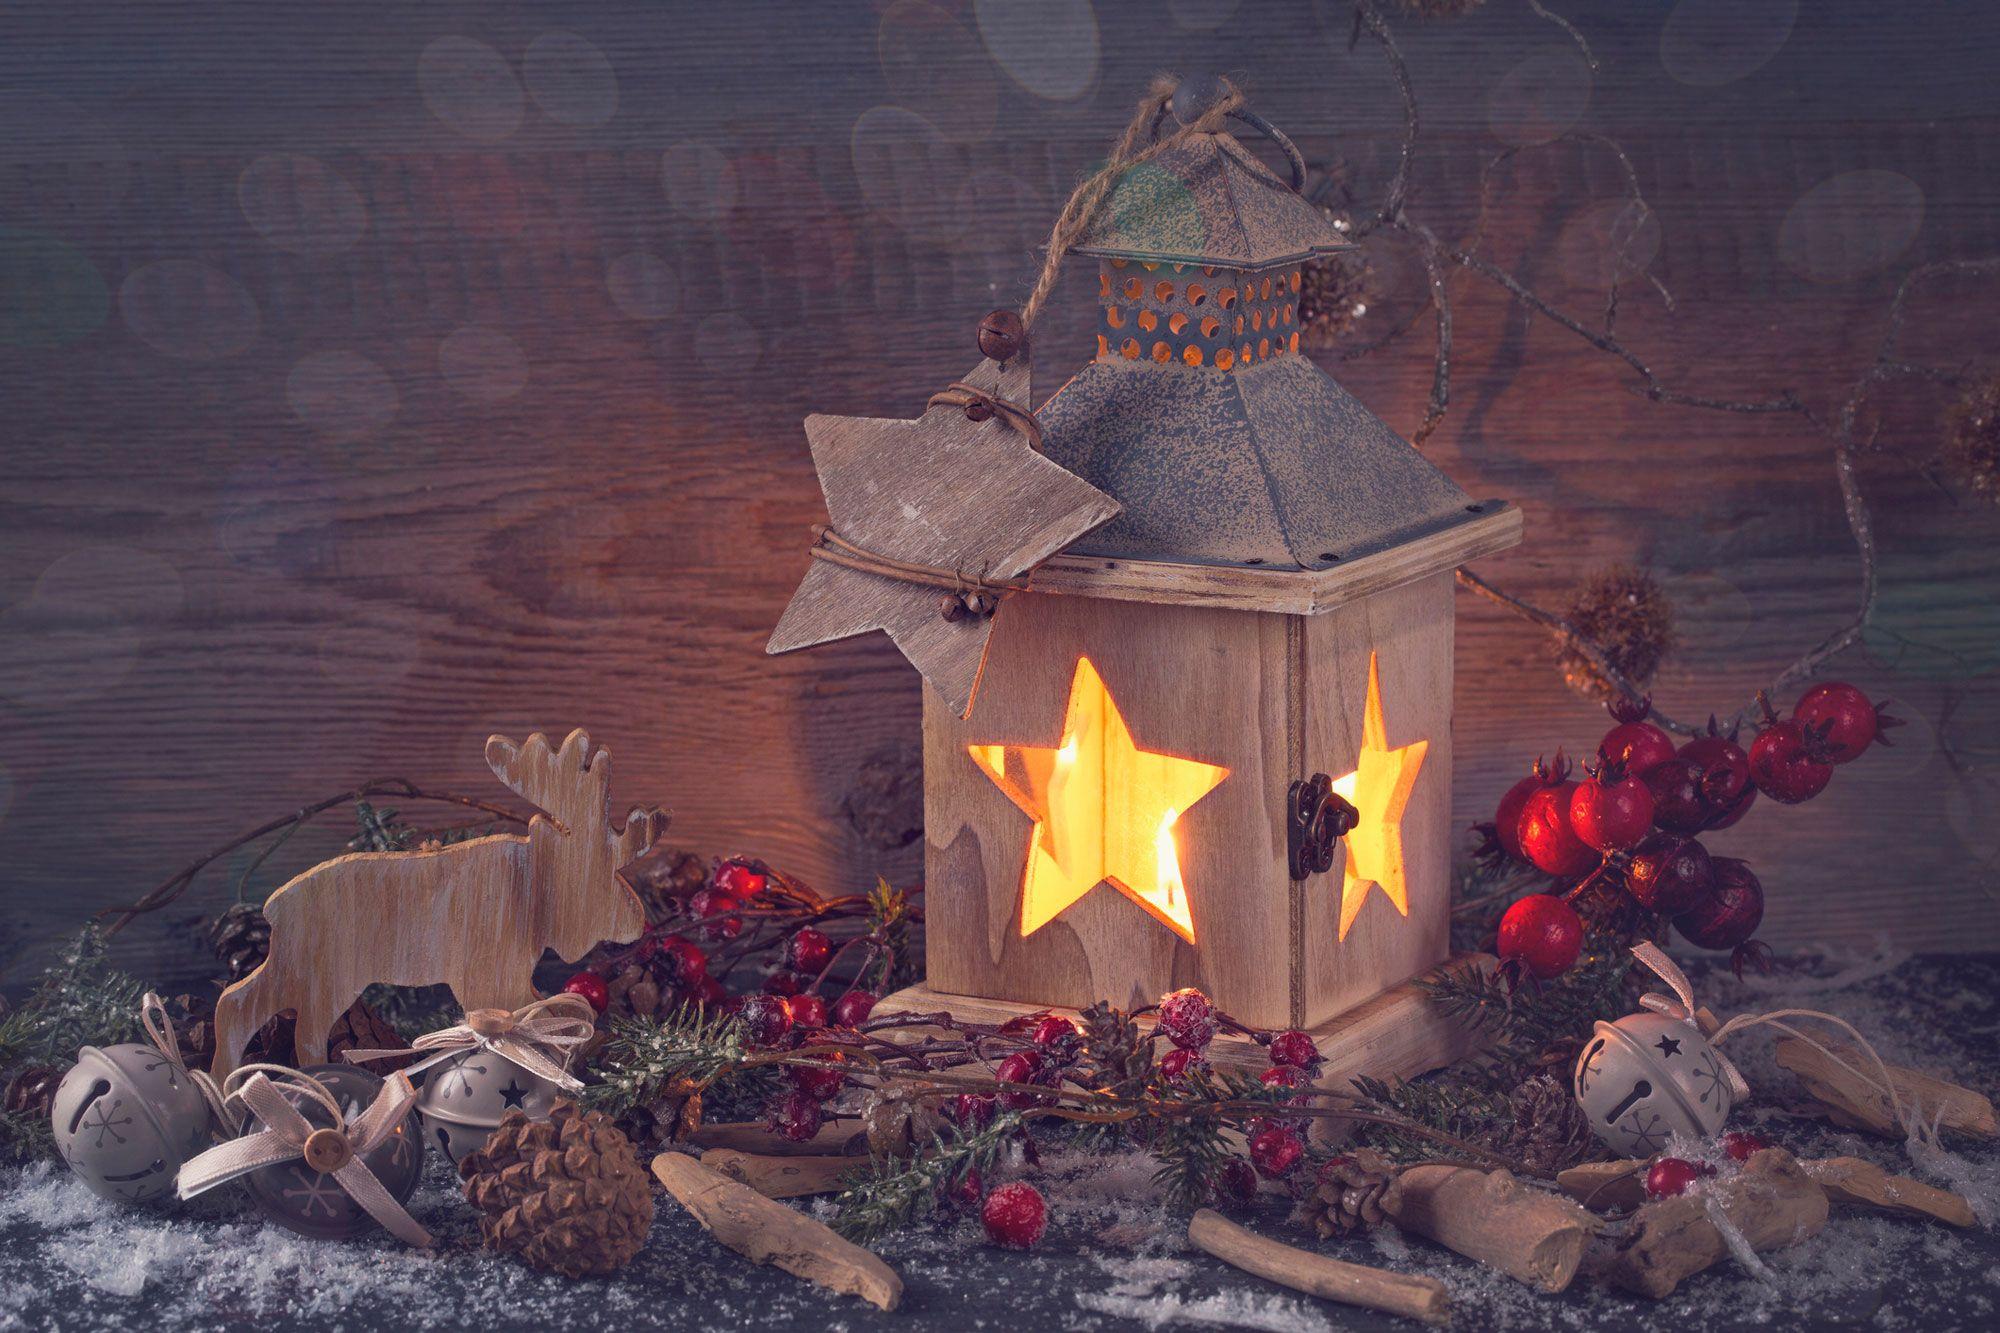 Farolillos para la decoración navideña